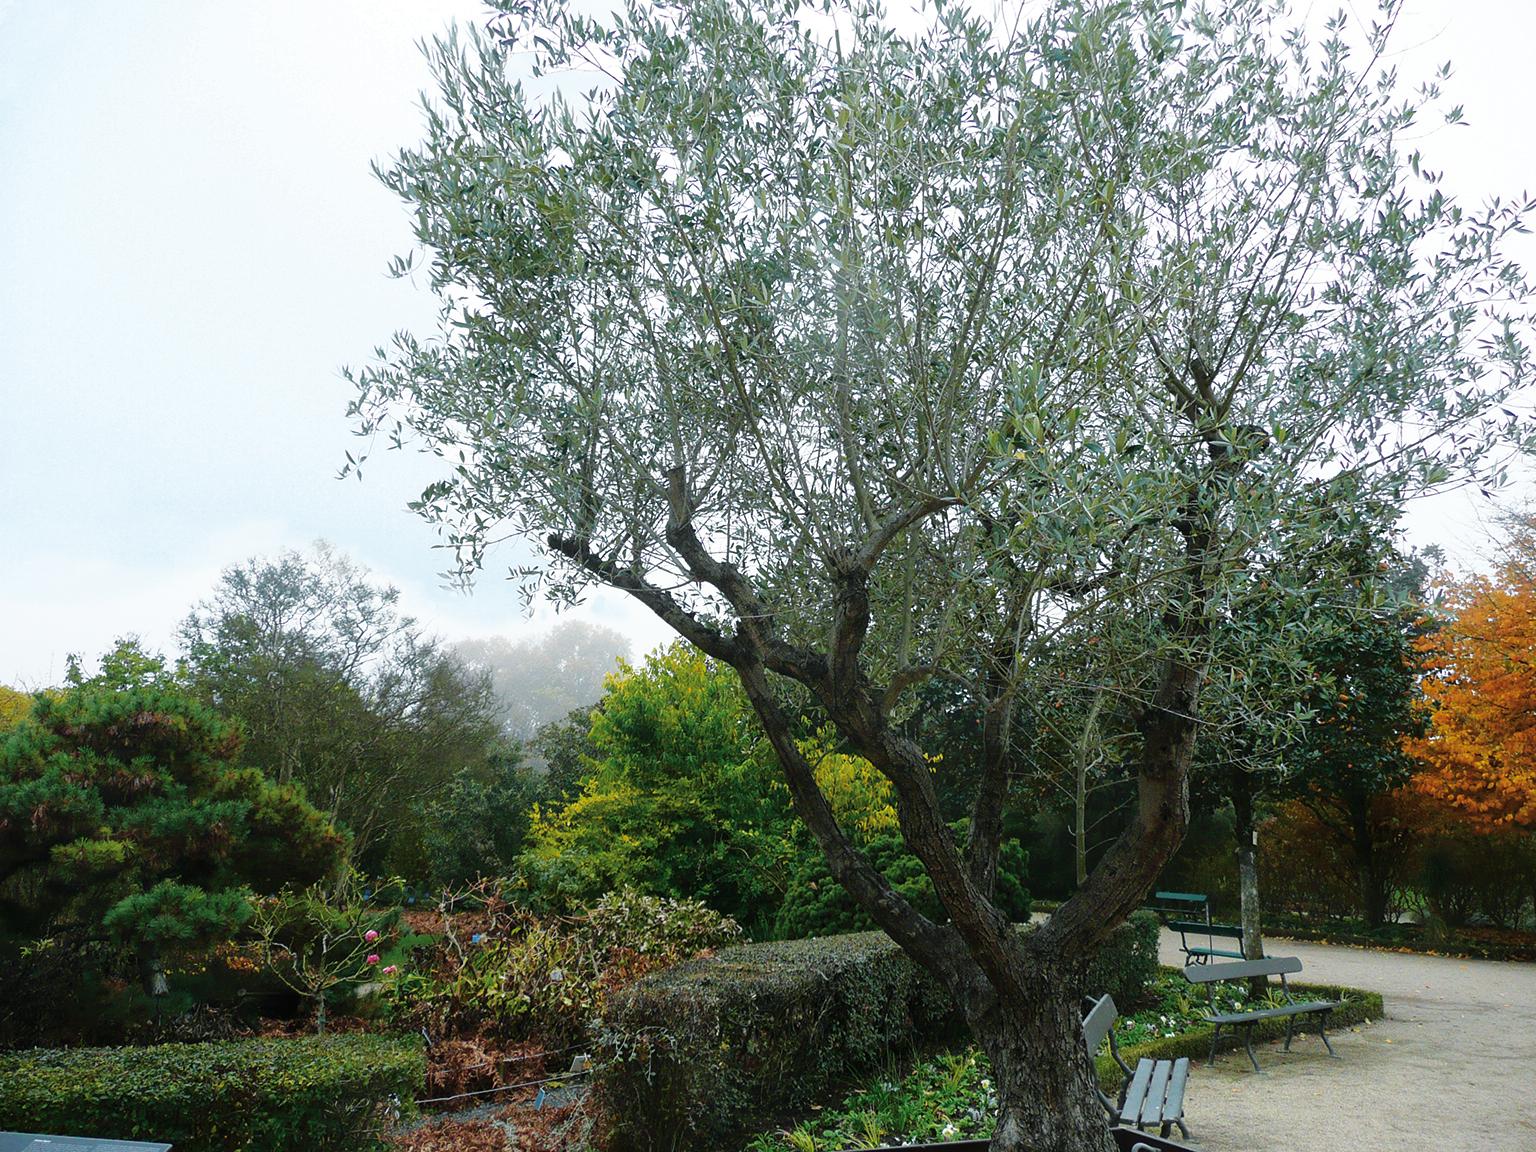 La taille de l'olivier s'avère une science complexe, et il faut plusieurs années pour en intégrer tous les éléments. Un olivier au Jardin botanique de Tours - © N. Dorion